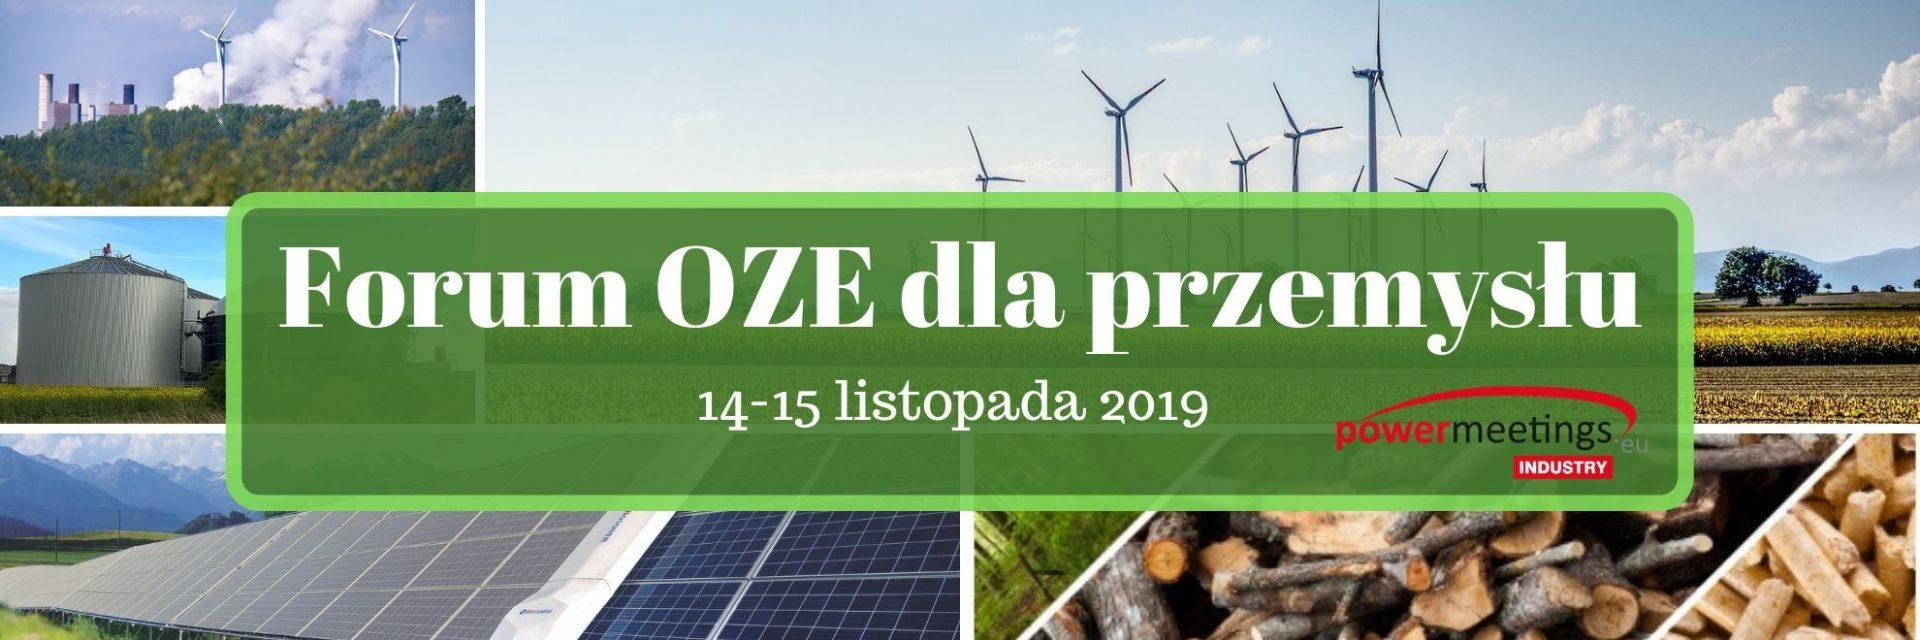 Forum OZE